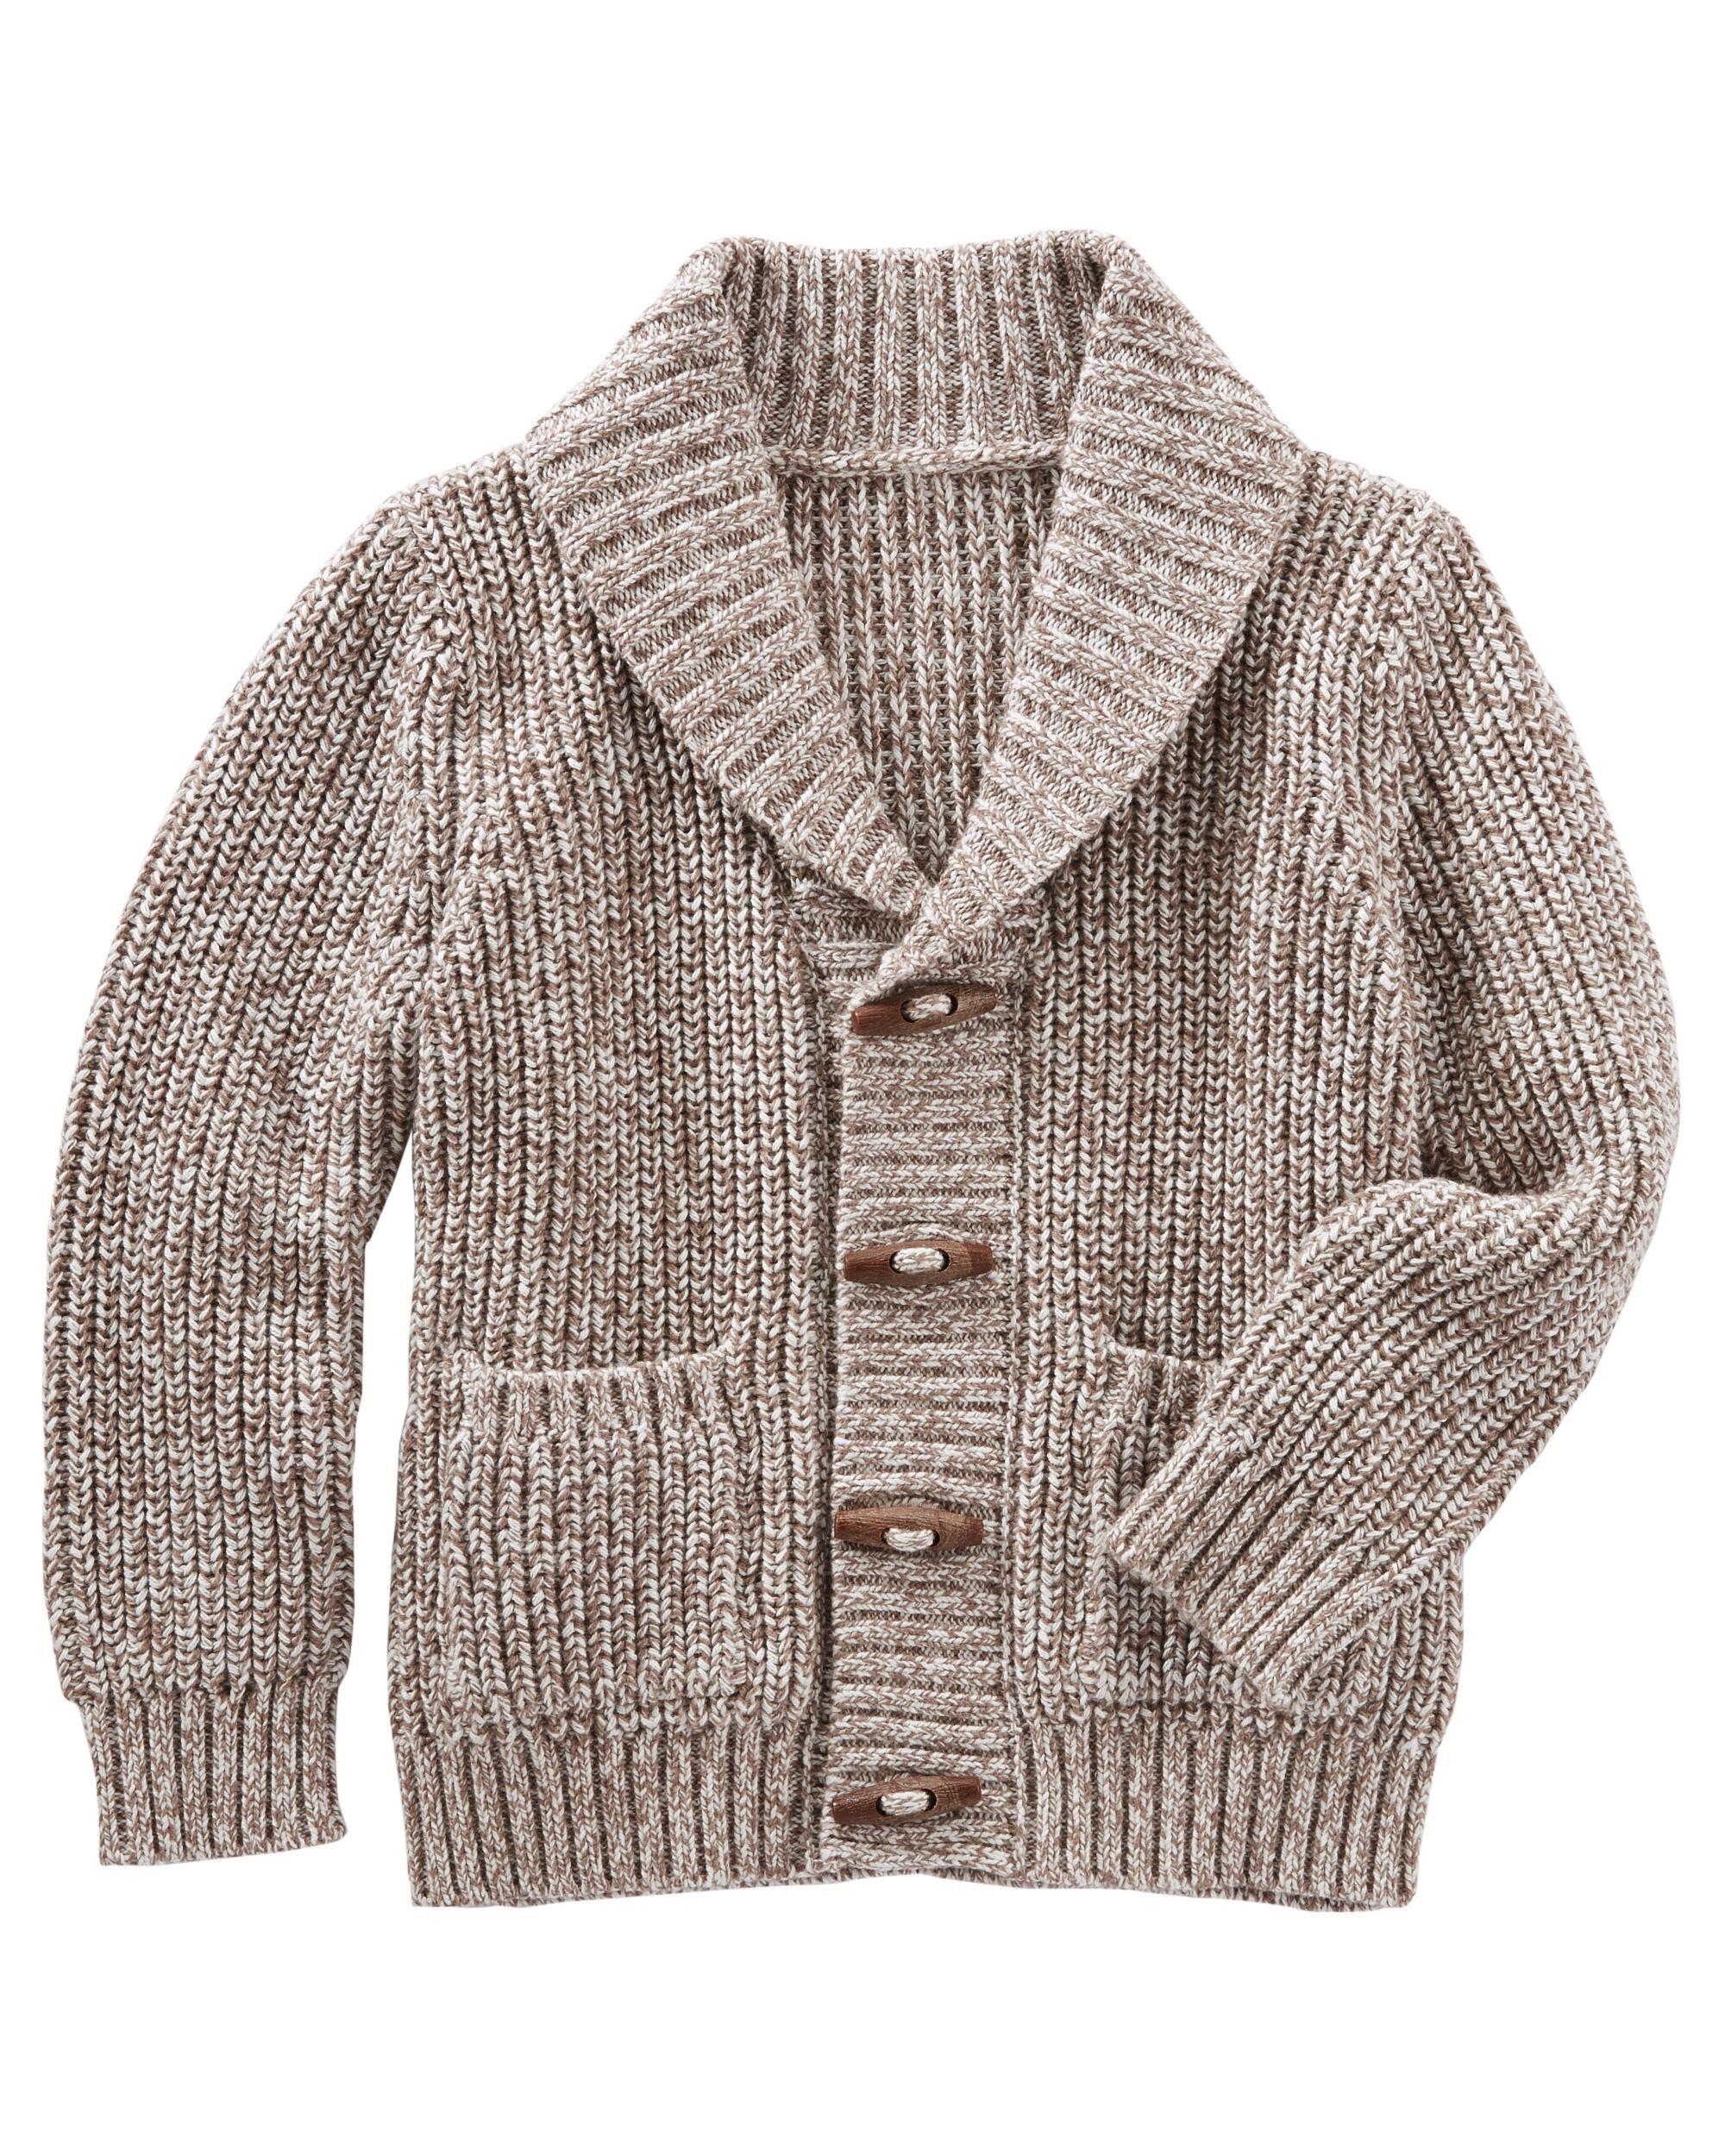 Shawl Collar Cardigan | OshKosh.com